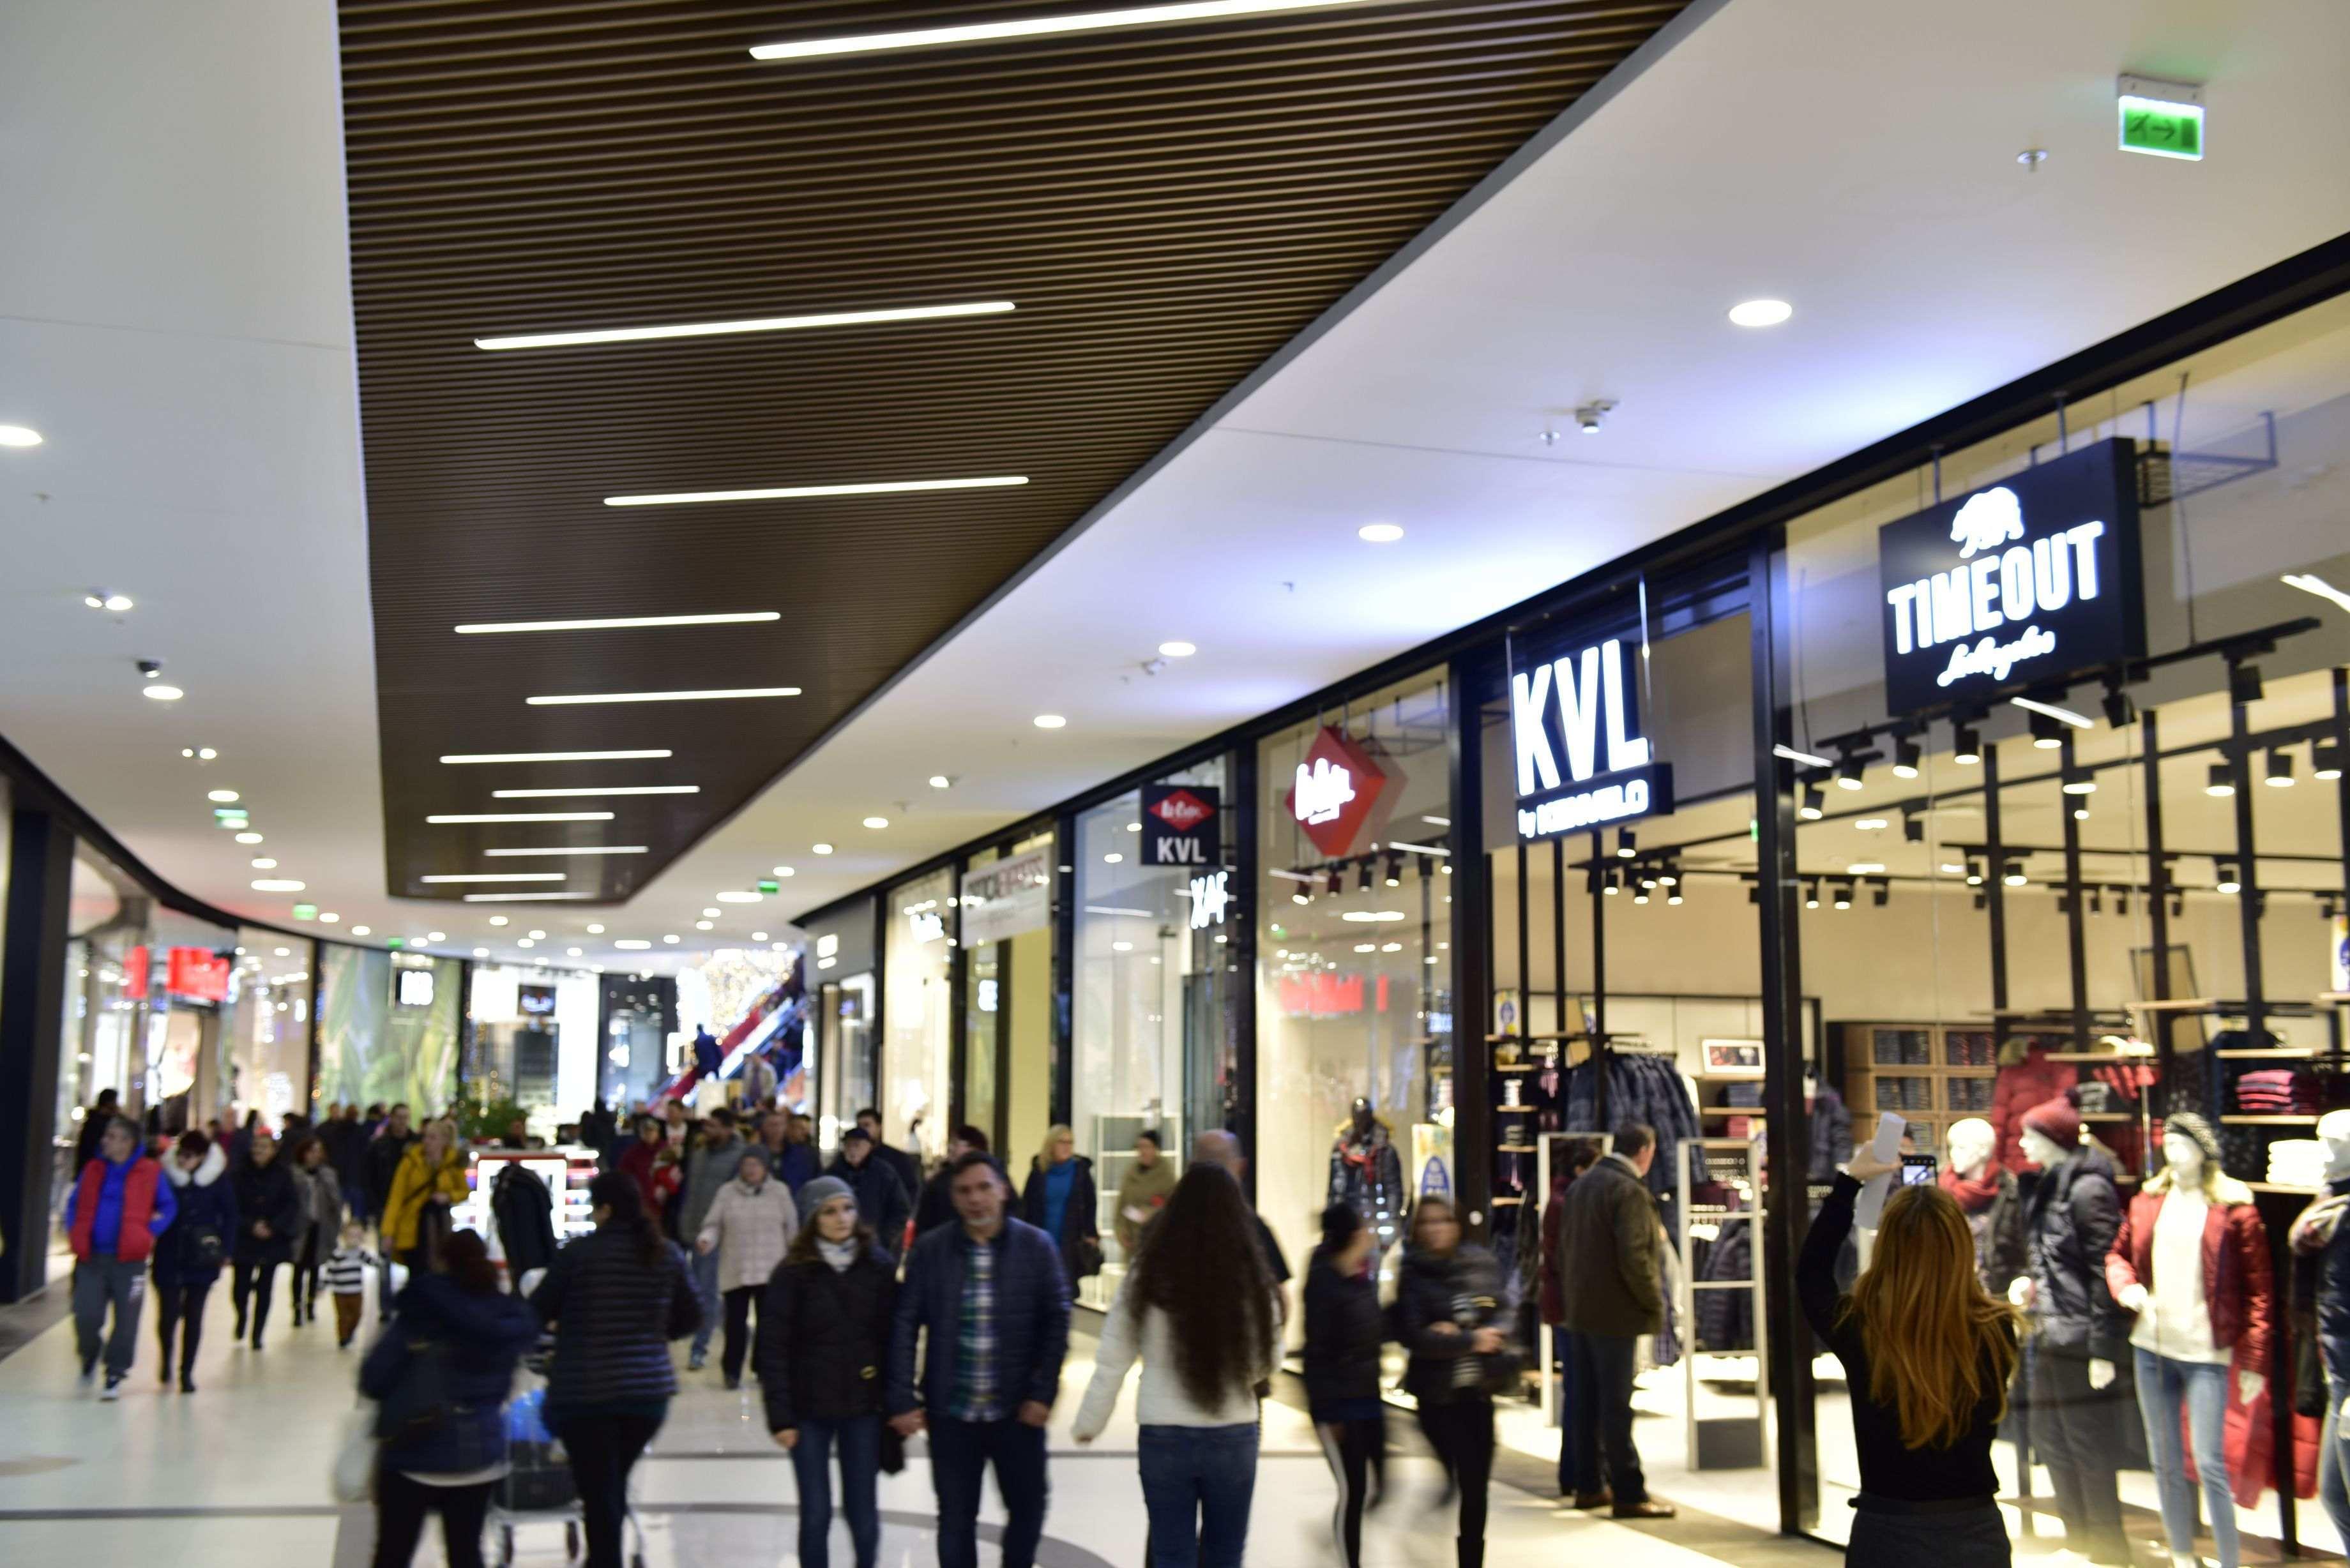 Fondul de investiţii NEPI a pariat 40 mil. de euro pe un centru comercial în Satu Mare, în care francezii de la Carrefour au închiriat 7.500 mp